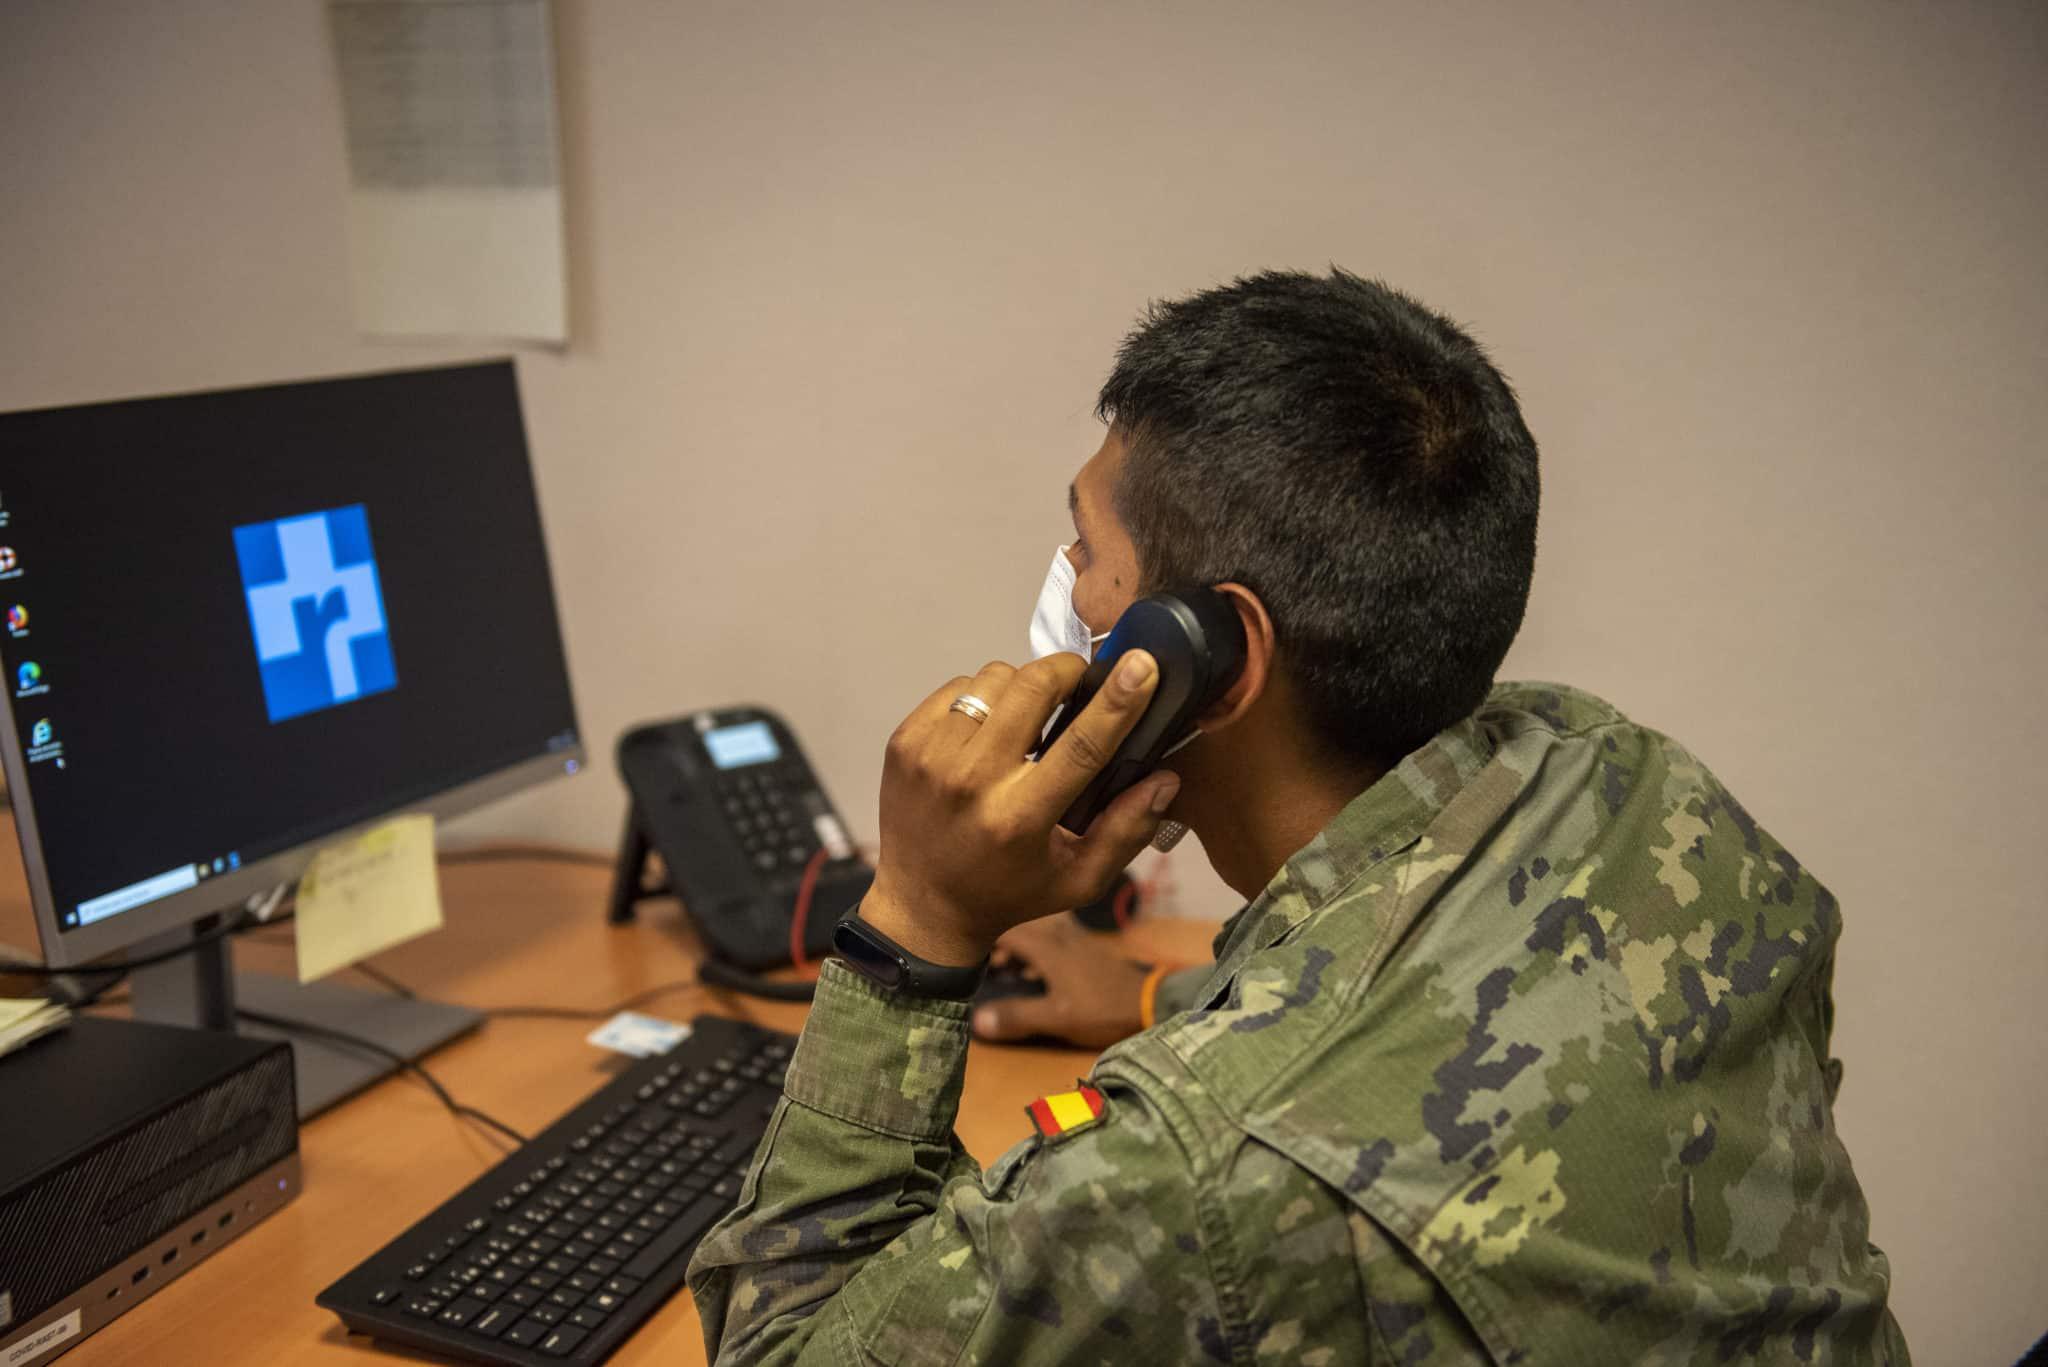 Un equipo de 24 militares se incorpora a la unidad de rastreadores de La Rioja 4